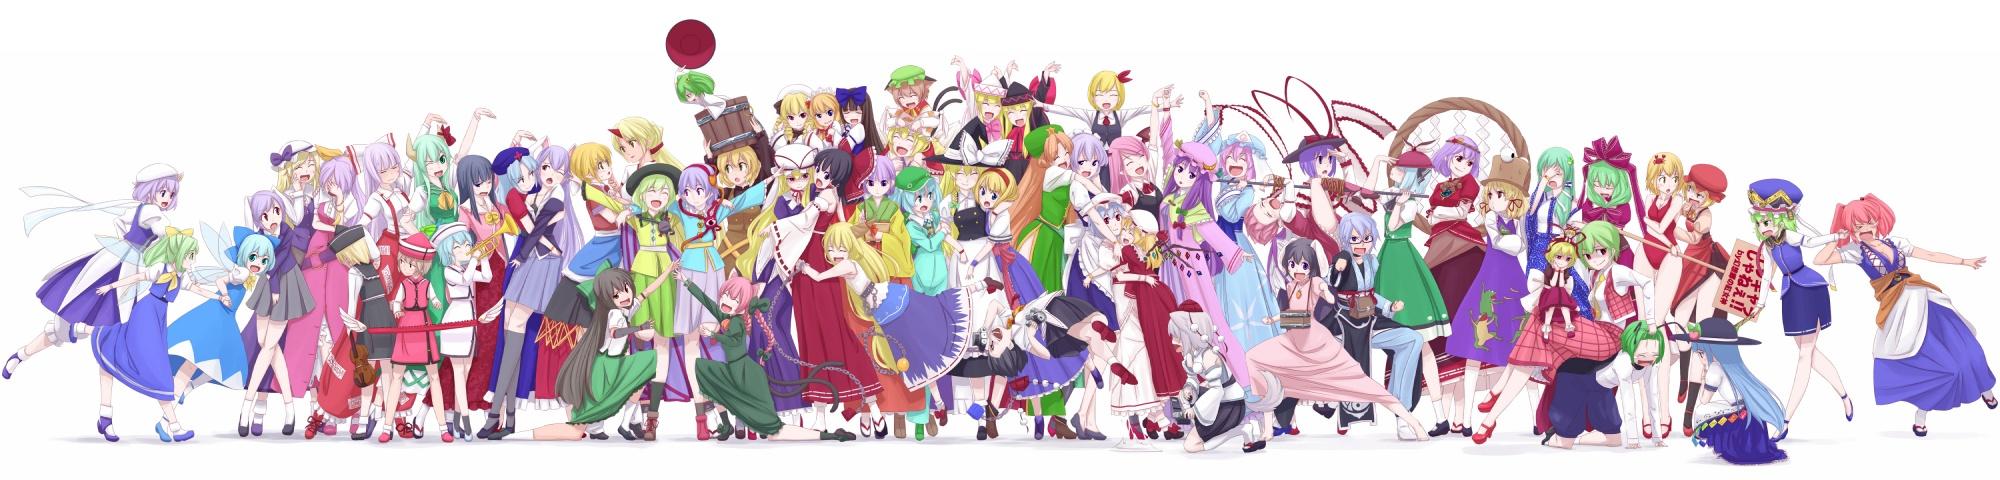 aki_minoriko aki_shizuha alice_margatroid animal_ears bunny_ears bunnygirl catgirl chen cirno daiyousei demon dualscreen ex_keine fairy flandre_scarlet foxgirl fujiwara_no_mokou group gustav_(telomere_na) hakurei_reimu hieda_no_akyuu hinanawi_tenshi hong_meiling hoshiguma_yuugi houraisan_kaguya hug ibuki_suika inaba_tewi inubashiri_momiji izayoi_sakuya japanese_clothes kaenbyou_rin kagiyama_hina kamishirasawa_keine kawashiro_nitori kazami_yuuka kirisame_marisa kisume koakuma kochiya_sanae komeiji_koishi komeiji_satori konpaku_youmu kurodani_yamame letty_whiterock lily_black lily_white luna_child lunasa_prismriver lyrica_prismriver maid male medicine_melancholy merlin_prismriver miko mizuhashi_parsee morichika_rinnosuke moriya_suwako mystia_lorelei nagae_iku onozuka_komachi patchouli_knowledge reisen_udongein_inaba reiuji_utsuho remilia_scarlet rumia saigyouji_yuyuko shameimaru_aya shiki_eiki shoujo_ai star_sapphire sunny_milk touhou vampire watatsuki_no_toyohime watatsuki_no_yorihime white witch wolfgirl wriggle_nightbug yagokoro_eirin yakumo_ran yakumo_yukari yasaka_kanako